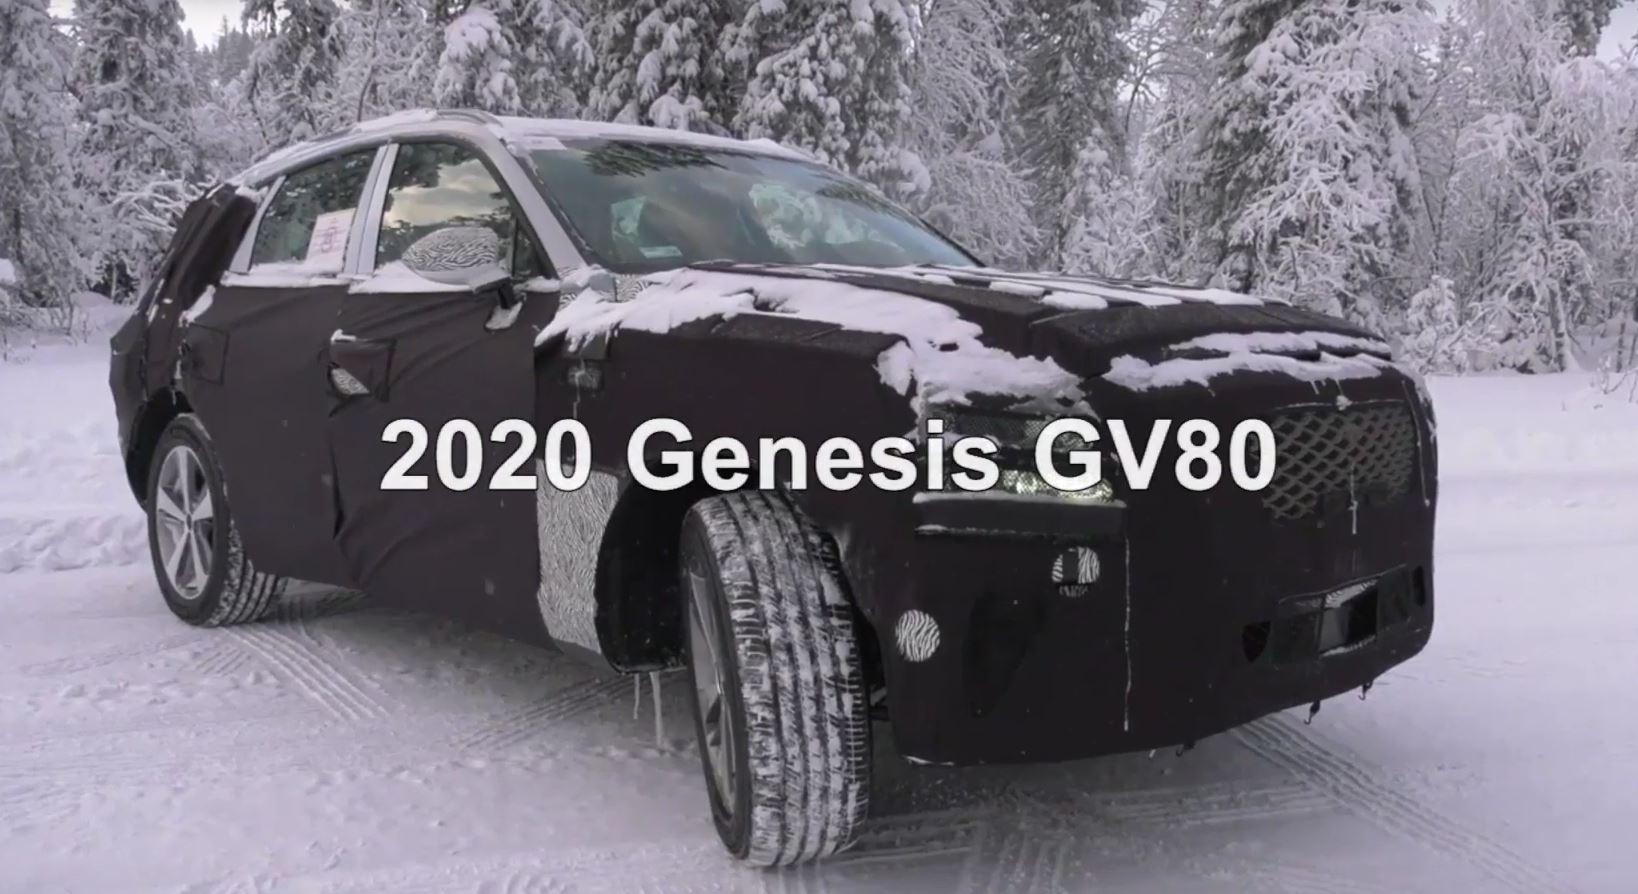 Genesis Gv80 Spy Video Takes Us Close To Luxury Suv Autoevolution